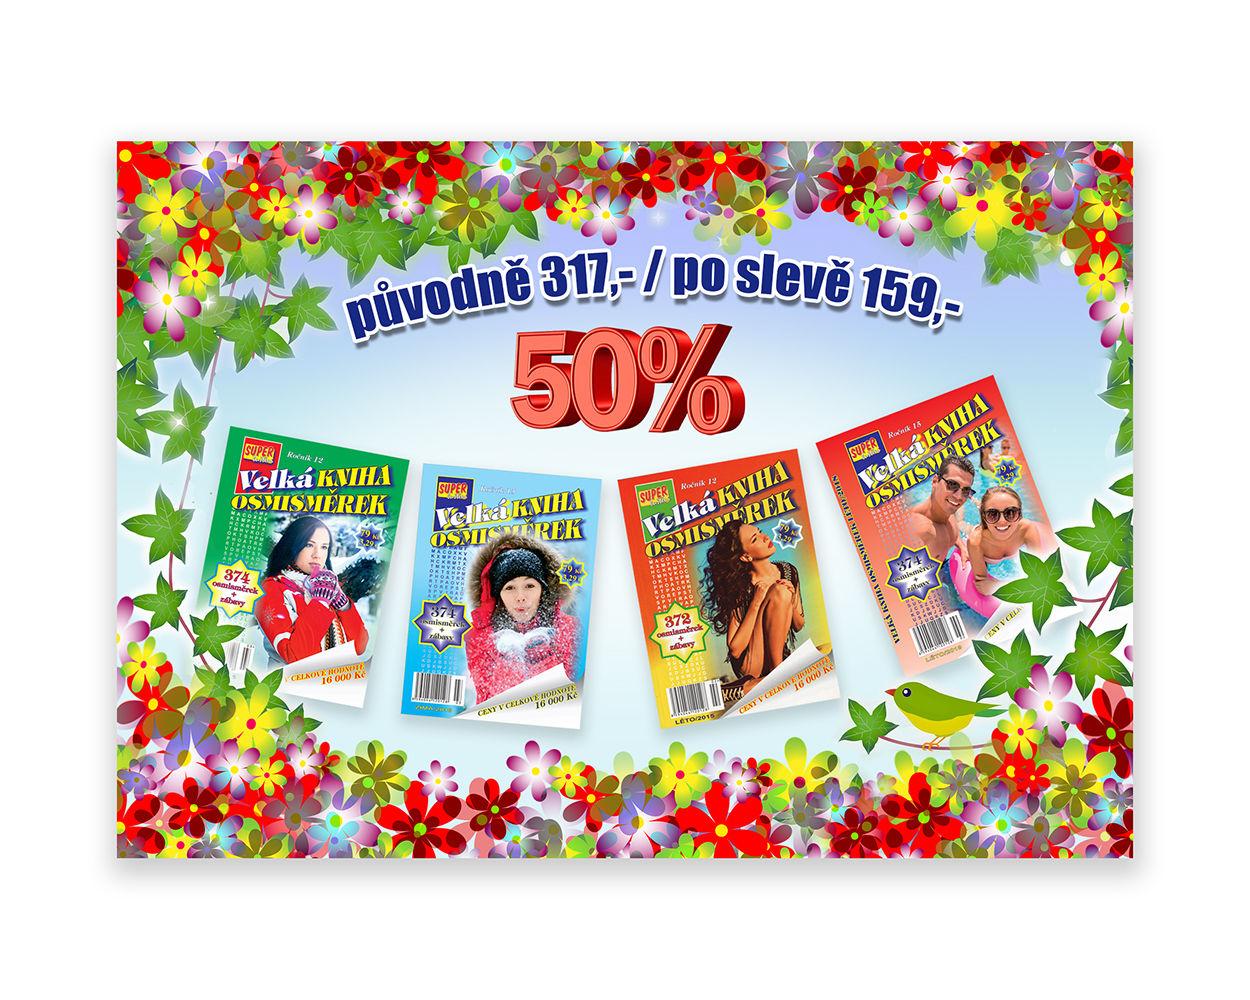 Jarní slevové balíčky 4x Velká kniha osmisměrek vydavatelství Turpress.